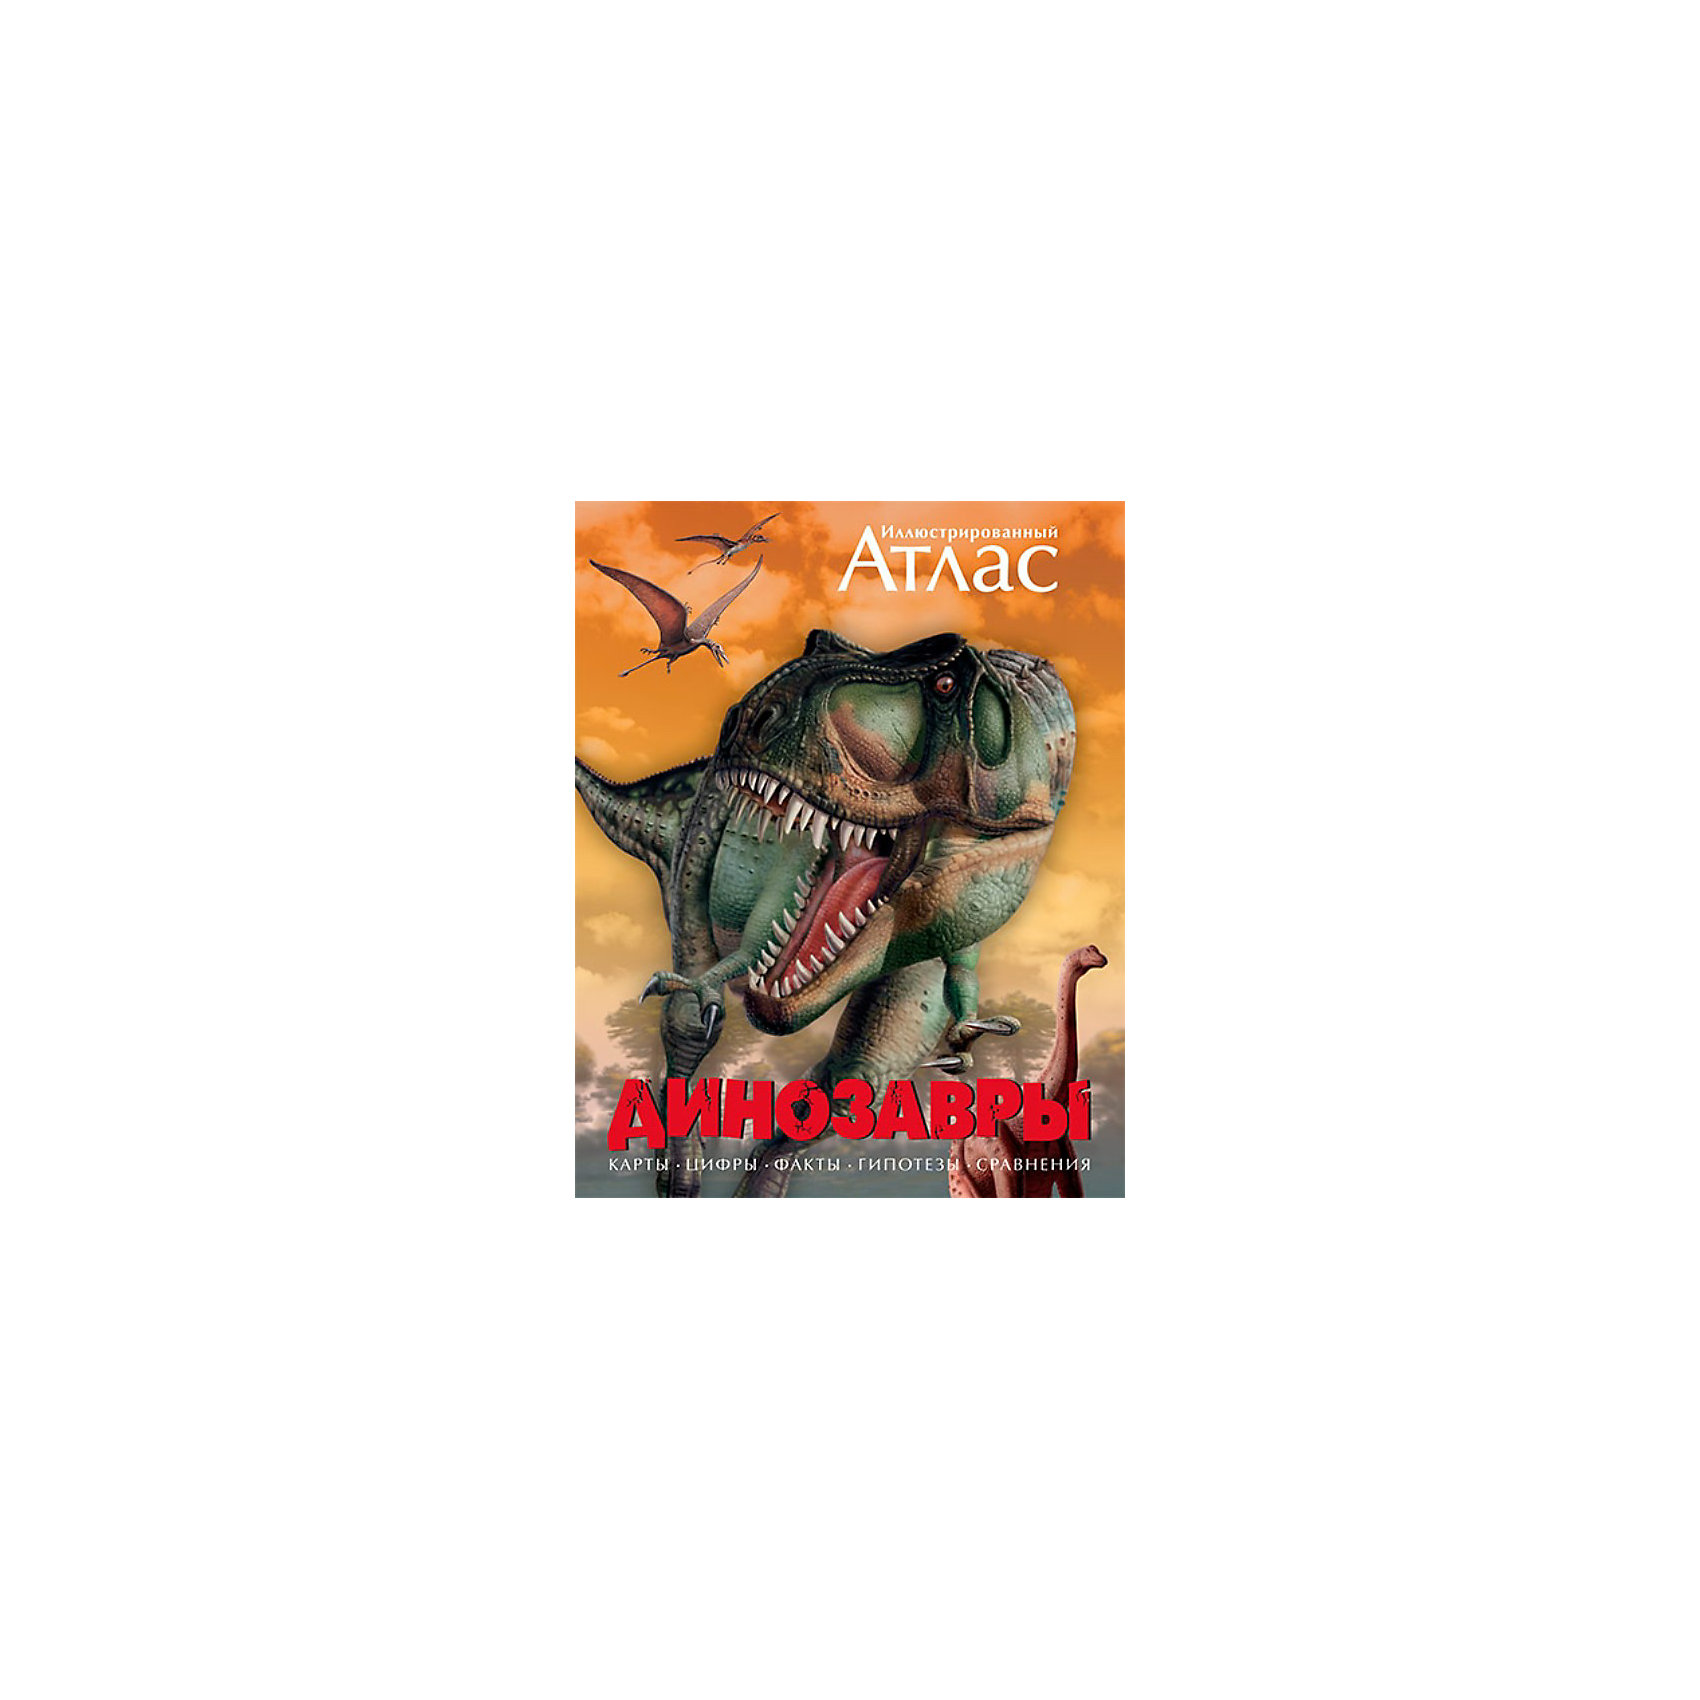 Иллюстрированный атлас ДинозаврыДинозавры и драконы<br>В этой книге вы найдете самые новые и неожиданные сведения о динозаврах, узнаете о последних находках и открытиях палеонтологов, изучающих жизнь и повадки этих древних рептилий. Атлас станет незаменимым справочным пособием и настольной книгой для всех, кто интересуется историей нашей планеты и жизни на ней.<br>Страниц: 192<br>Формат: 270х345 мм<br>Переплет: Переплет<br><br>Ширина мм: 343<br>Глубина мм: 270<br>Высота мм: 19<br>Вес г: 1498<br>Возраст от месяцев: 60<br>Возраст до месяцев: 96<br>Пол: Унисекс<br>Возраст: Детский<br>SKU: 2411722